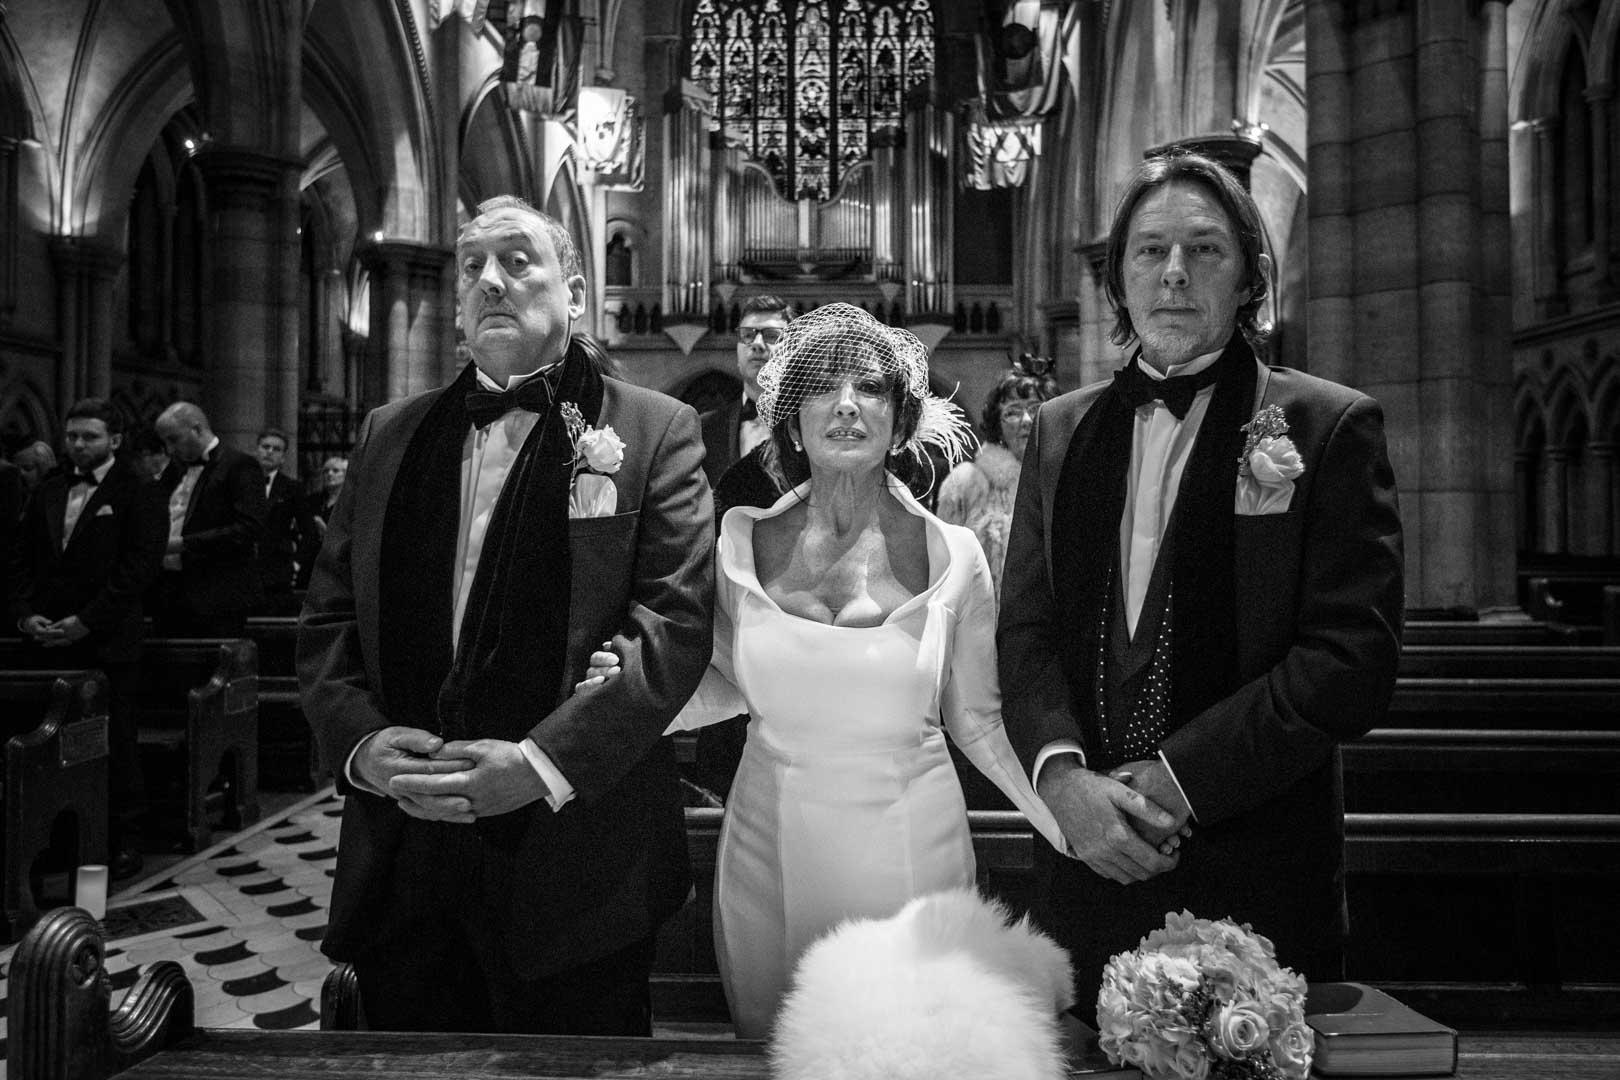 La famille de la mariée à l'église, Portrait et Regards caméra, photo noir et blanc